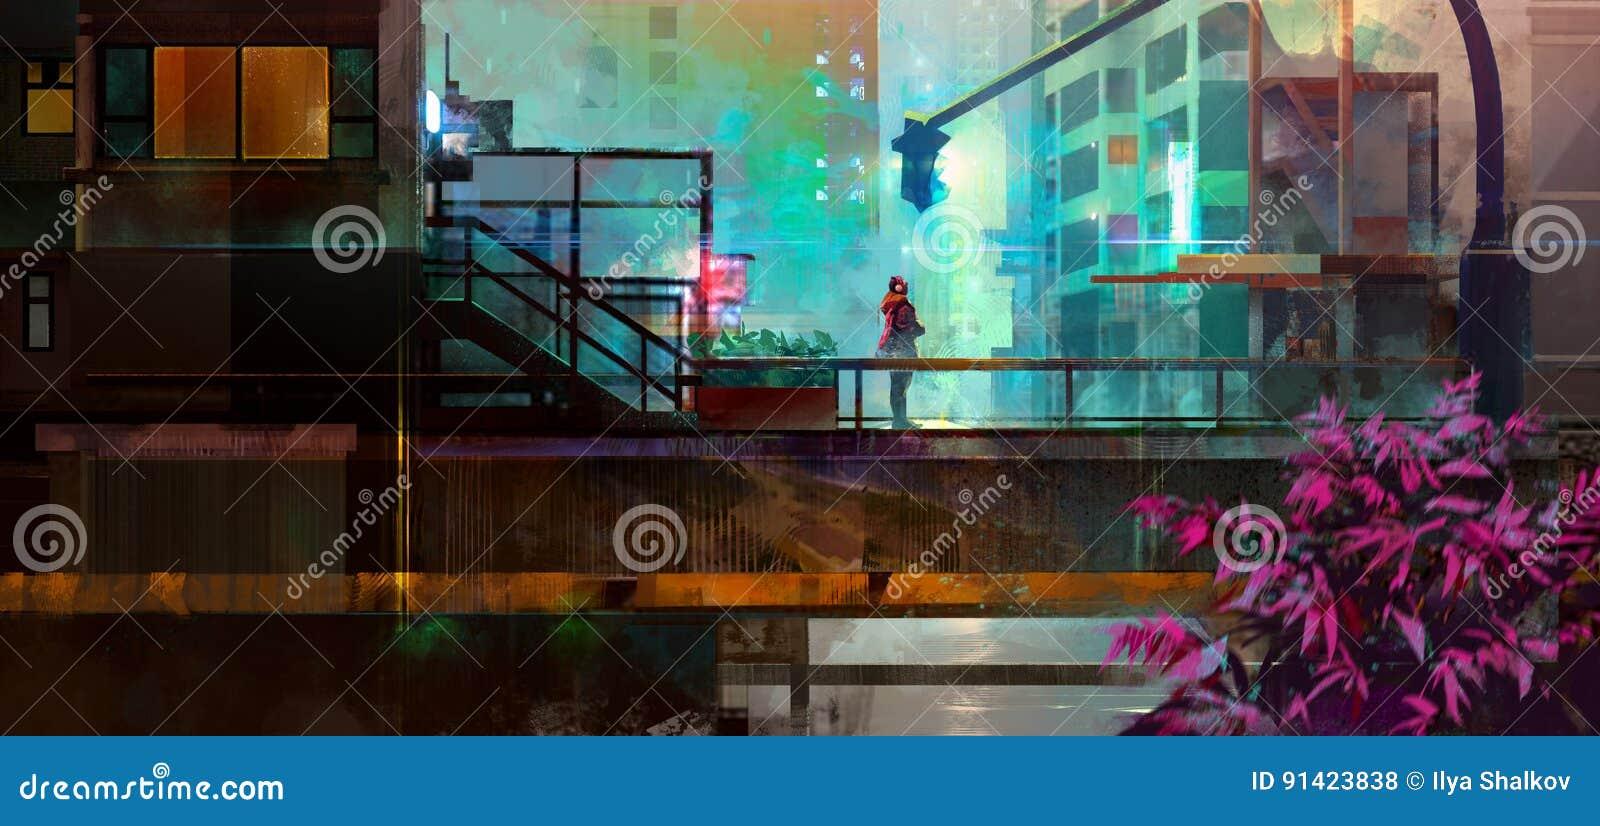 Future ville urbaine peinte avec un homme